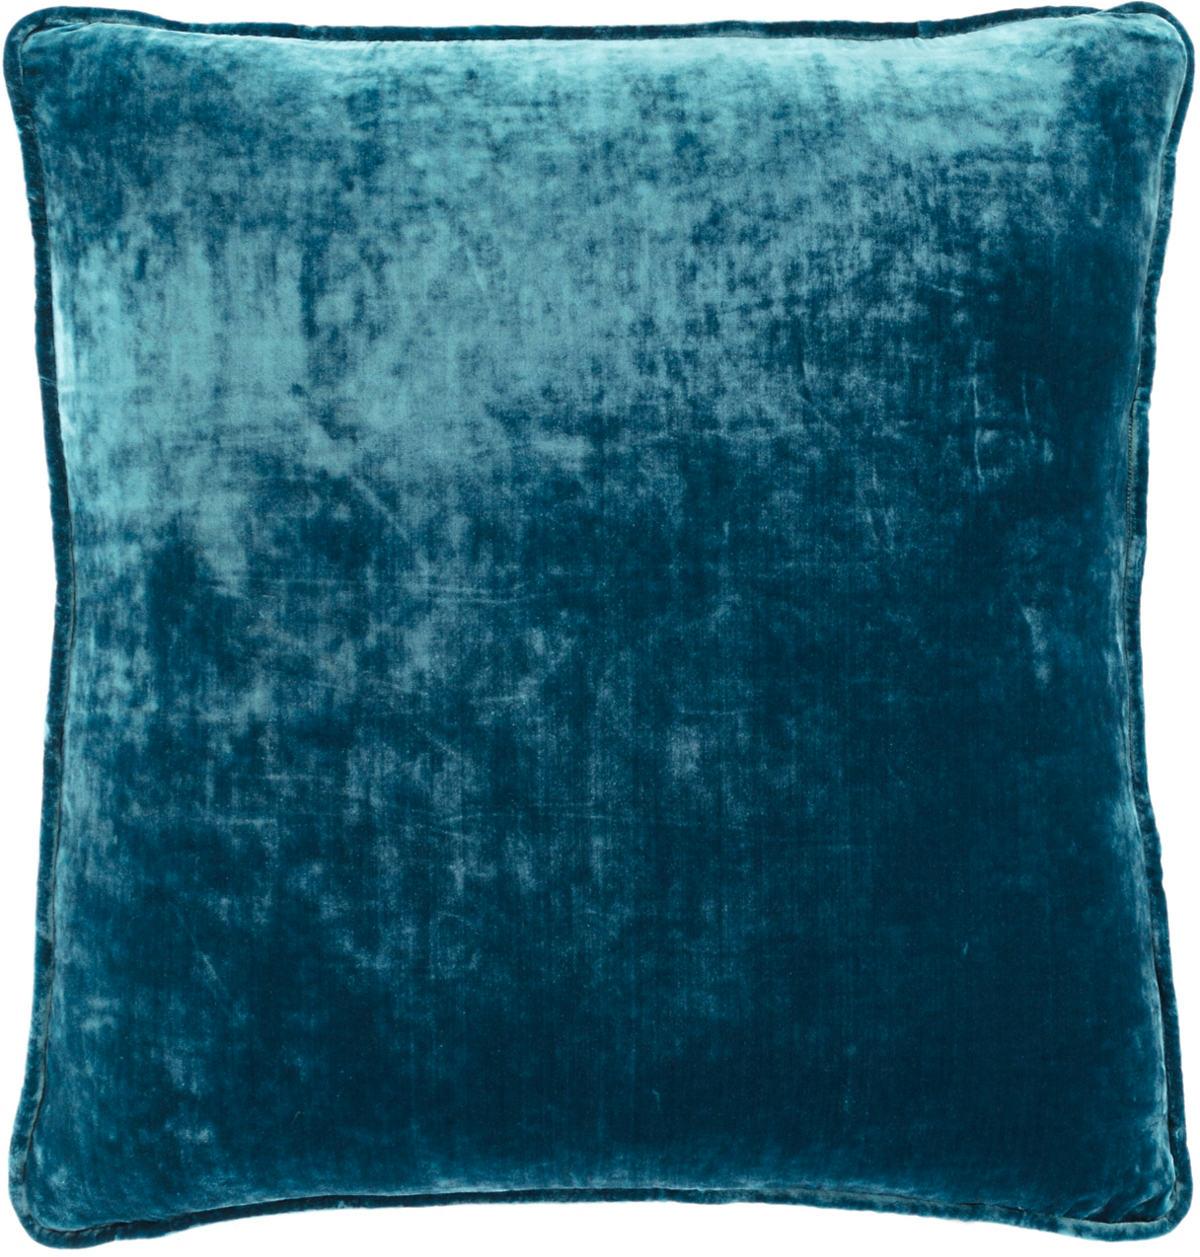 Teal Shimmer Velvet Decorative Pillow